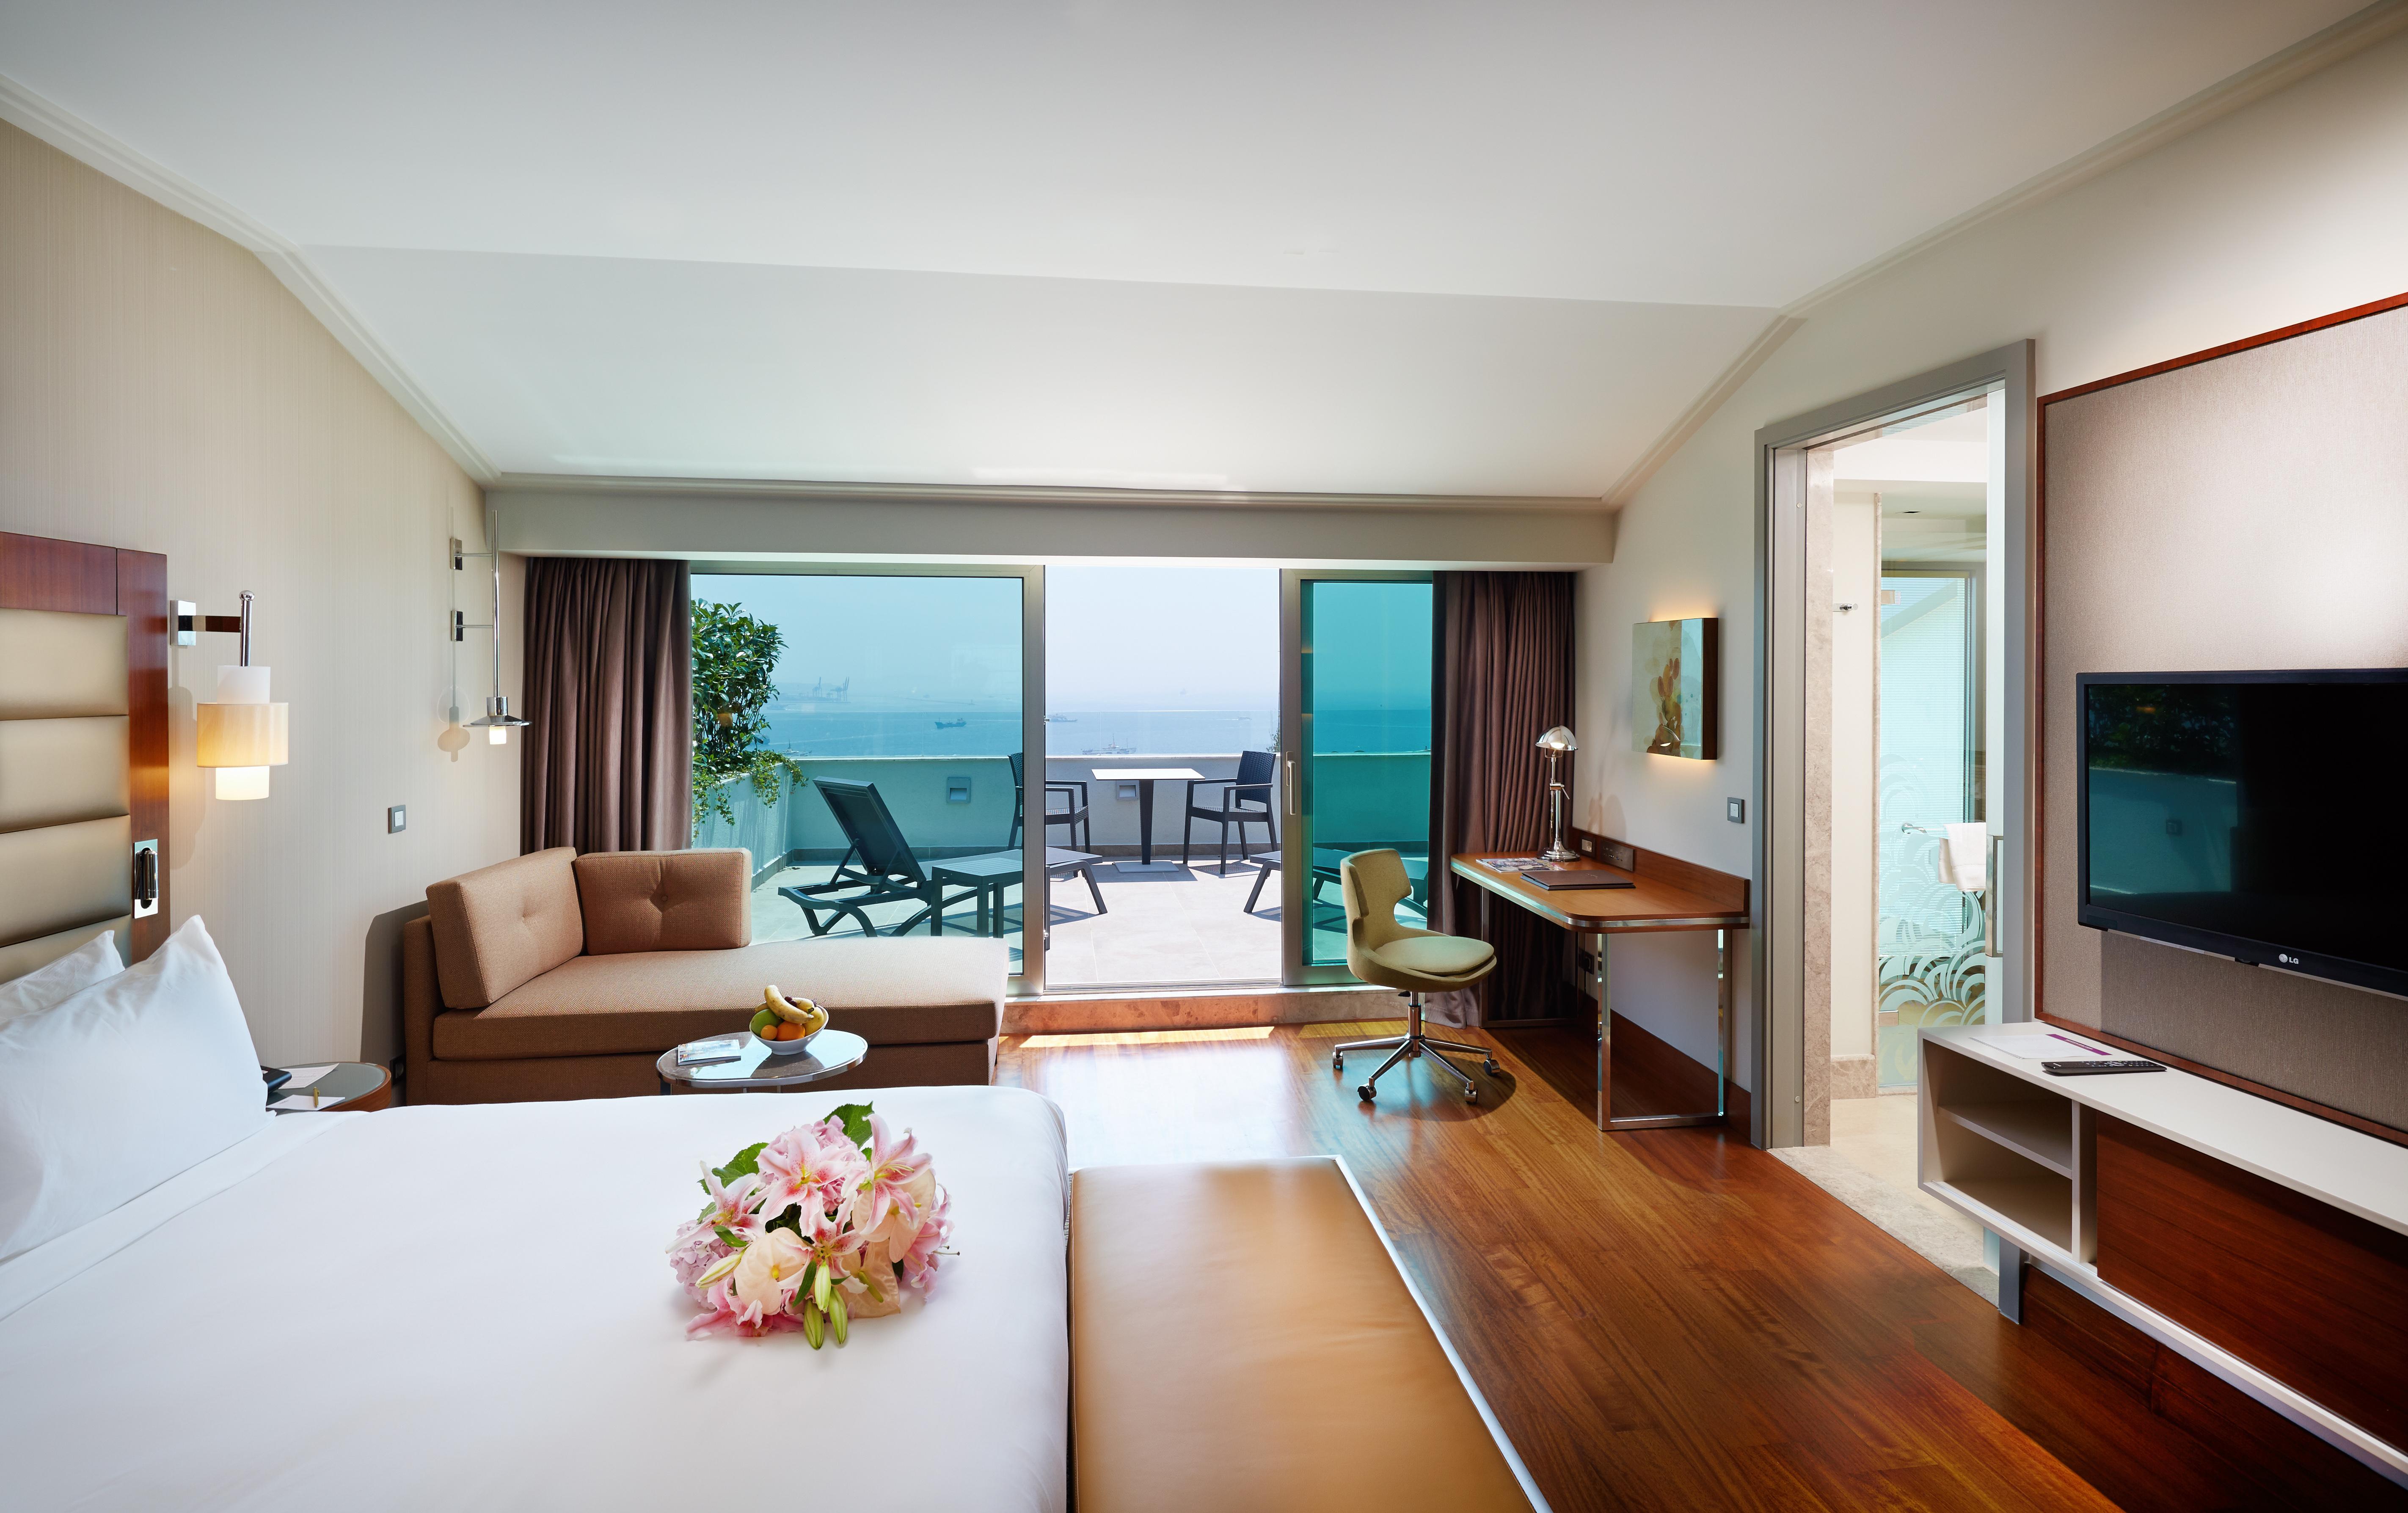 Mercure dünyanın en güçlü otel markası seçildi